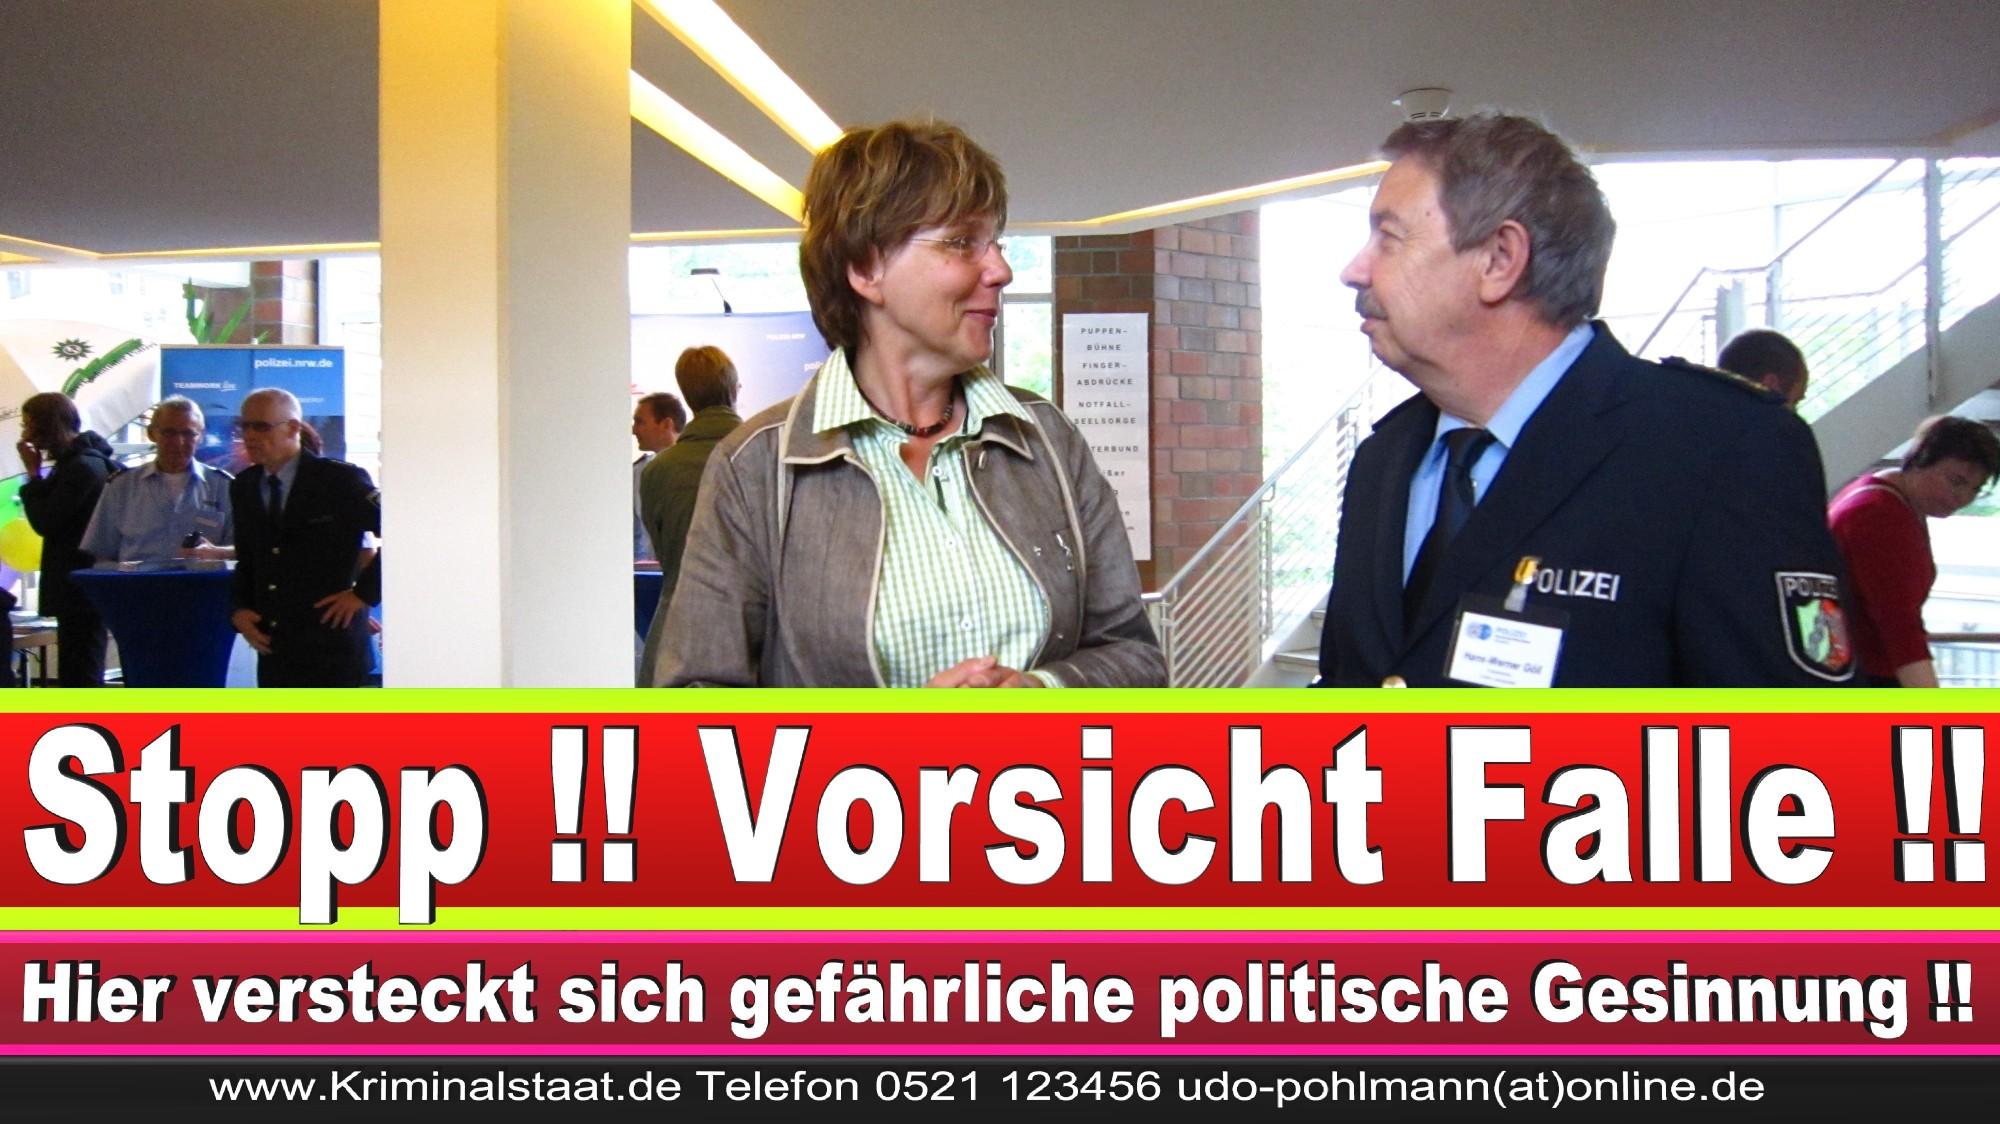 Polizeipräsidentin Katharina Giere Polizei Bielefeld NRW Erwin Südfeld Horst Kruse Polizeiuniform Polizeigewalt DEMONSTRATION Bahnhof (20) 1